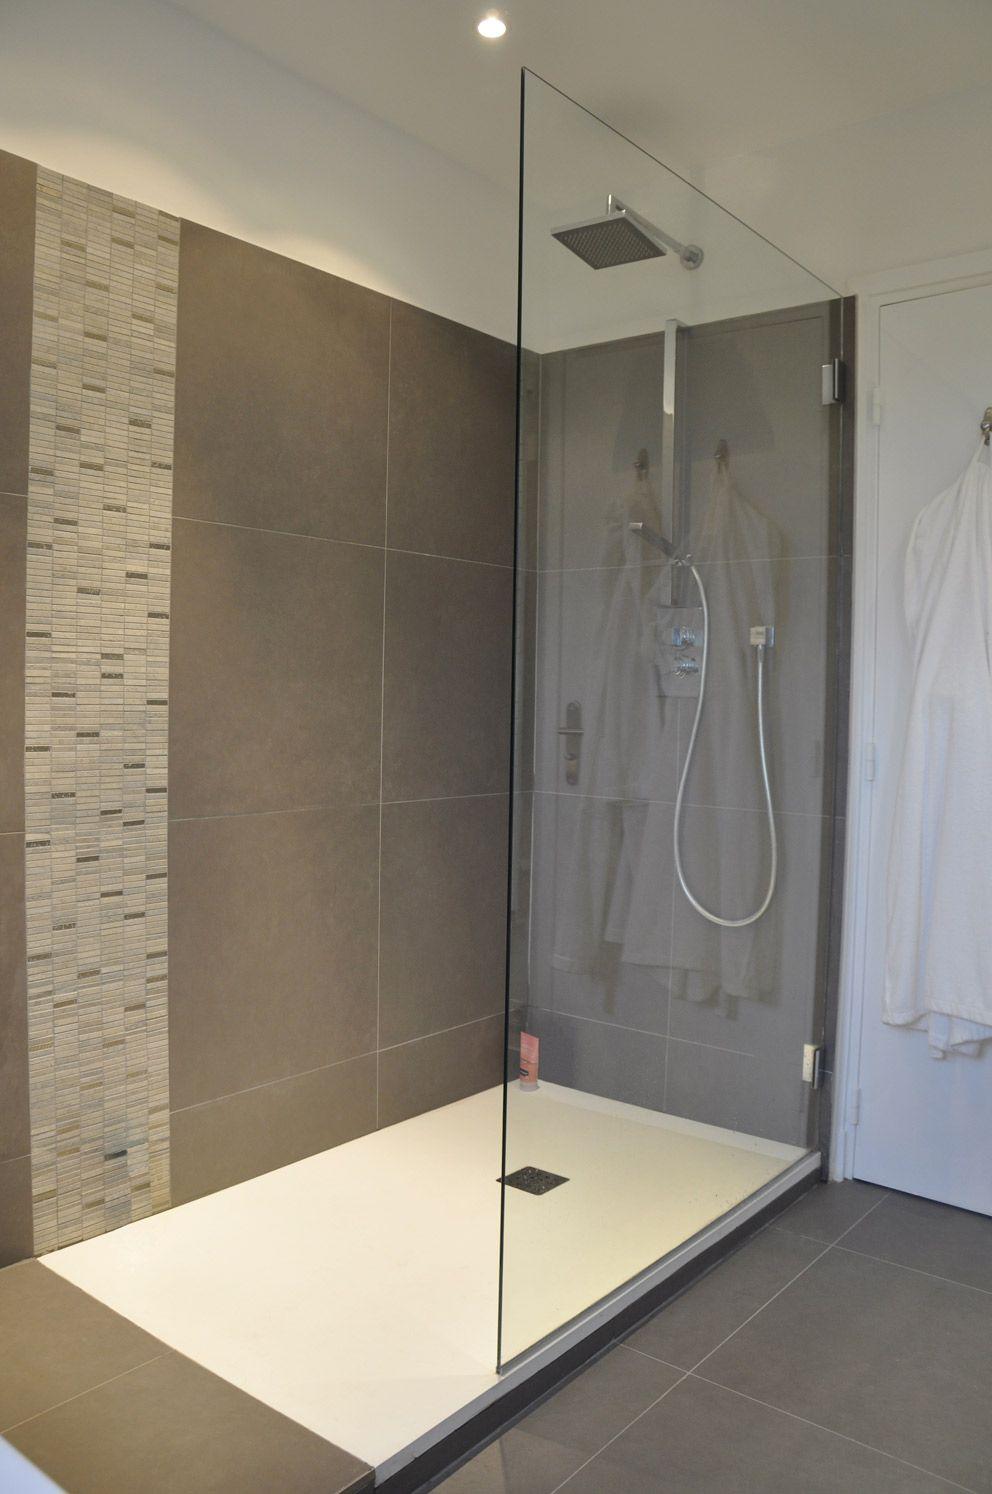 Astuce Rangement Salle De Bain Ikea ~ Rueil Malmaison Architecte D Int Rieur Agence D Un Lieu L Autre